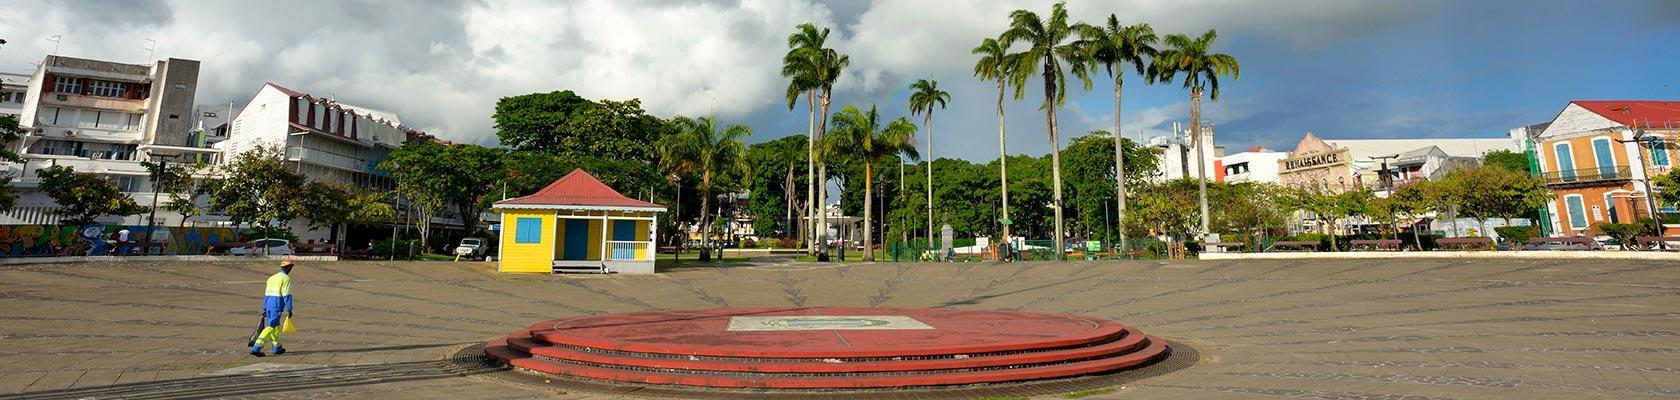 Place de la Victoire, Pointe à Pitre, Guadeloupe